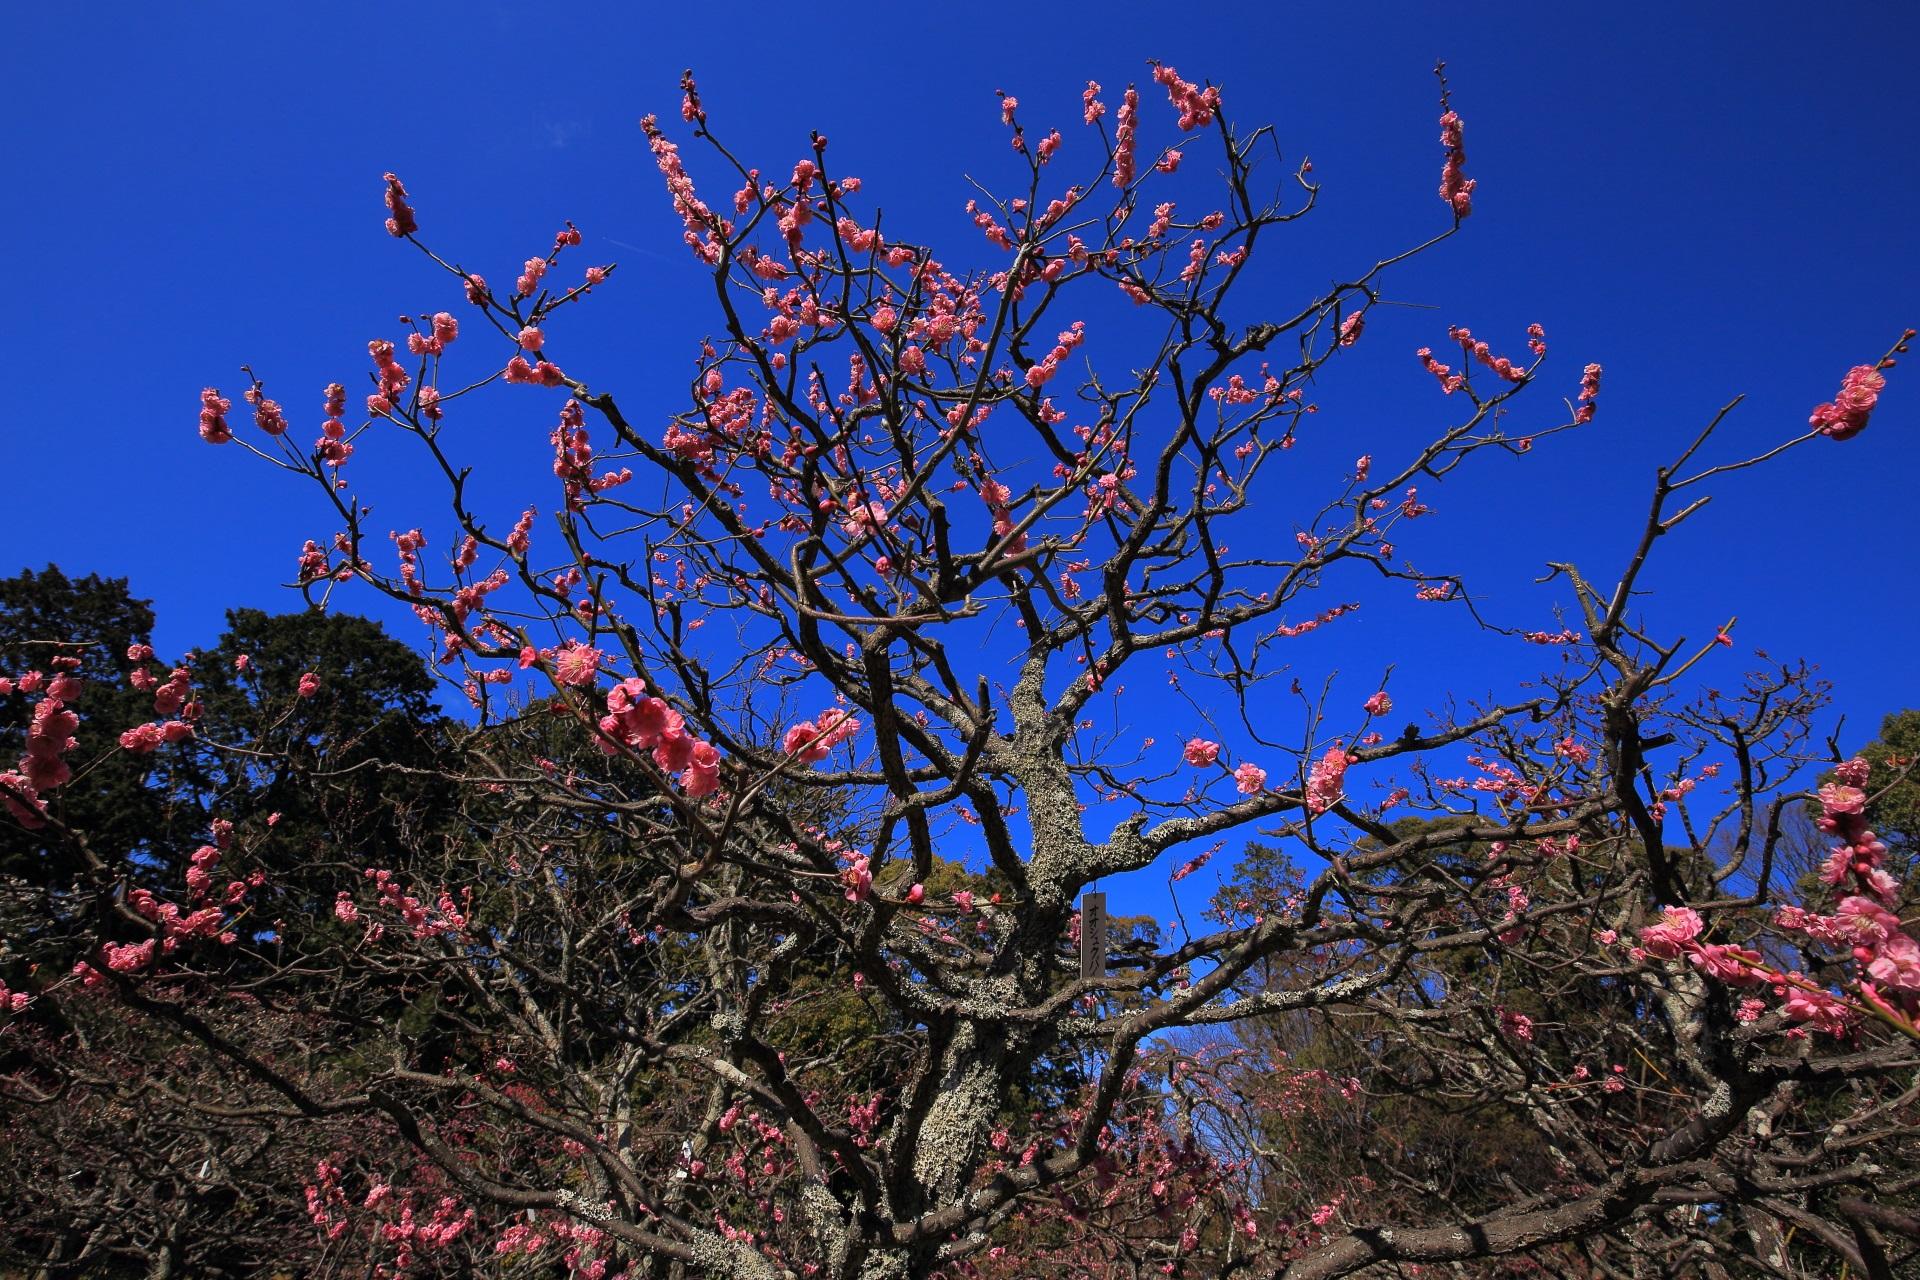 華やぐ淡い色合いのピンクの梅の花